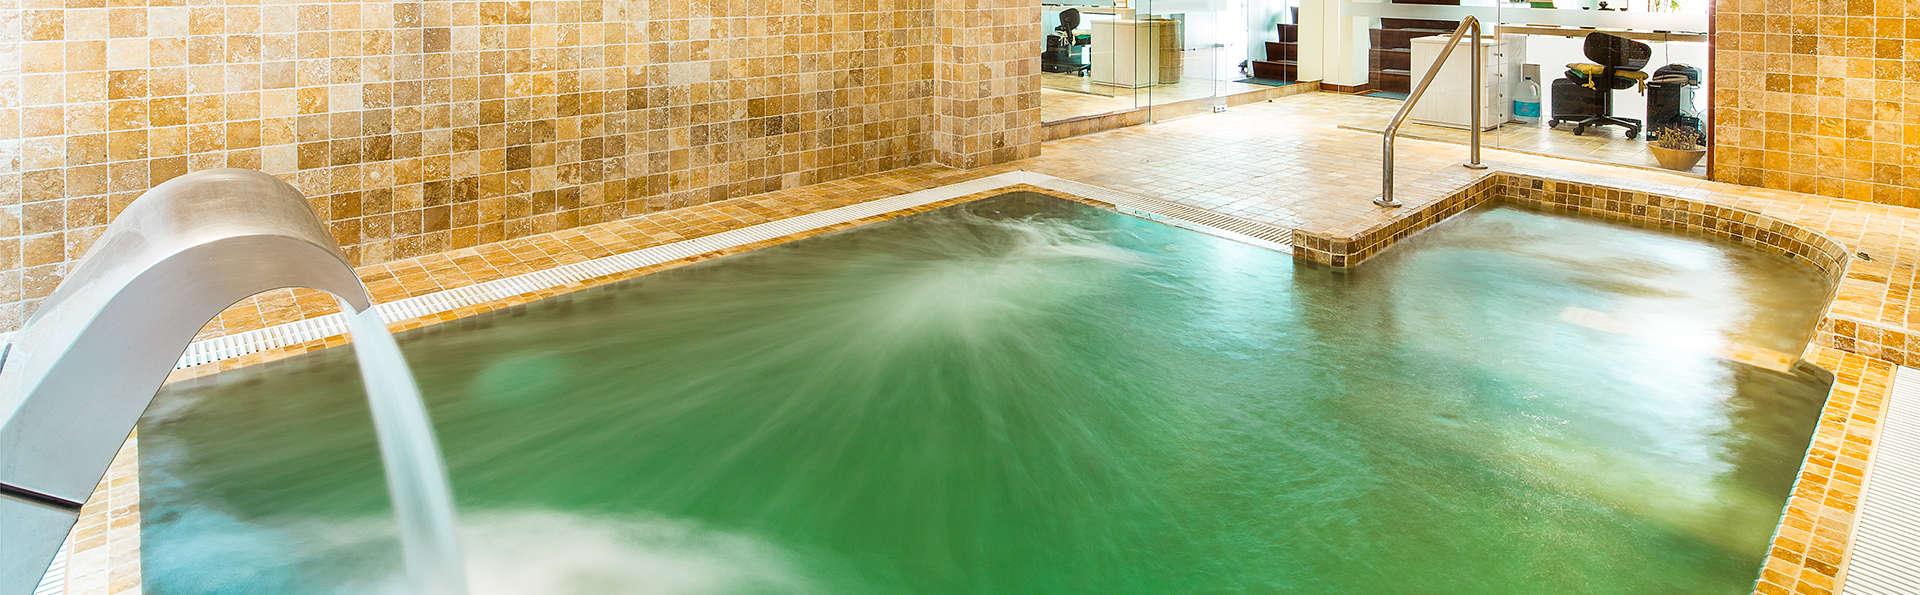 Dîner et accès au spa à Manacor sur l'île de Majorque